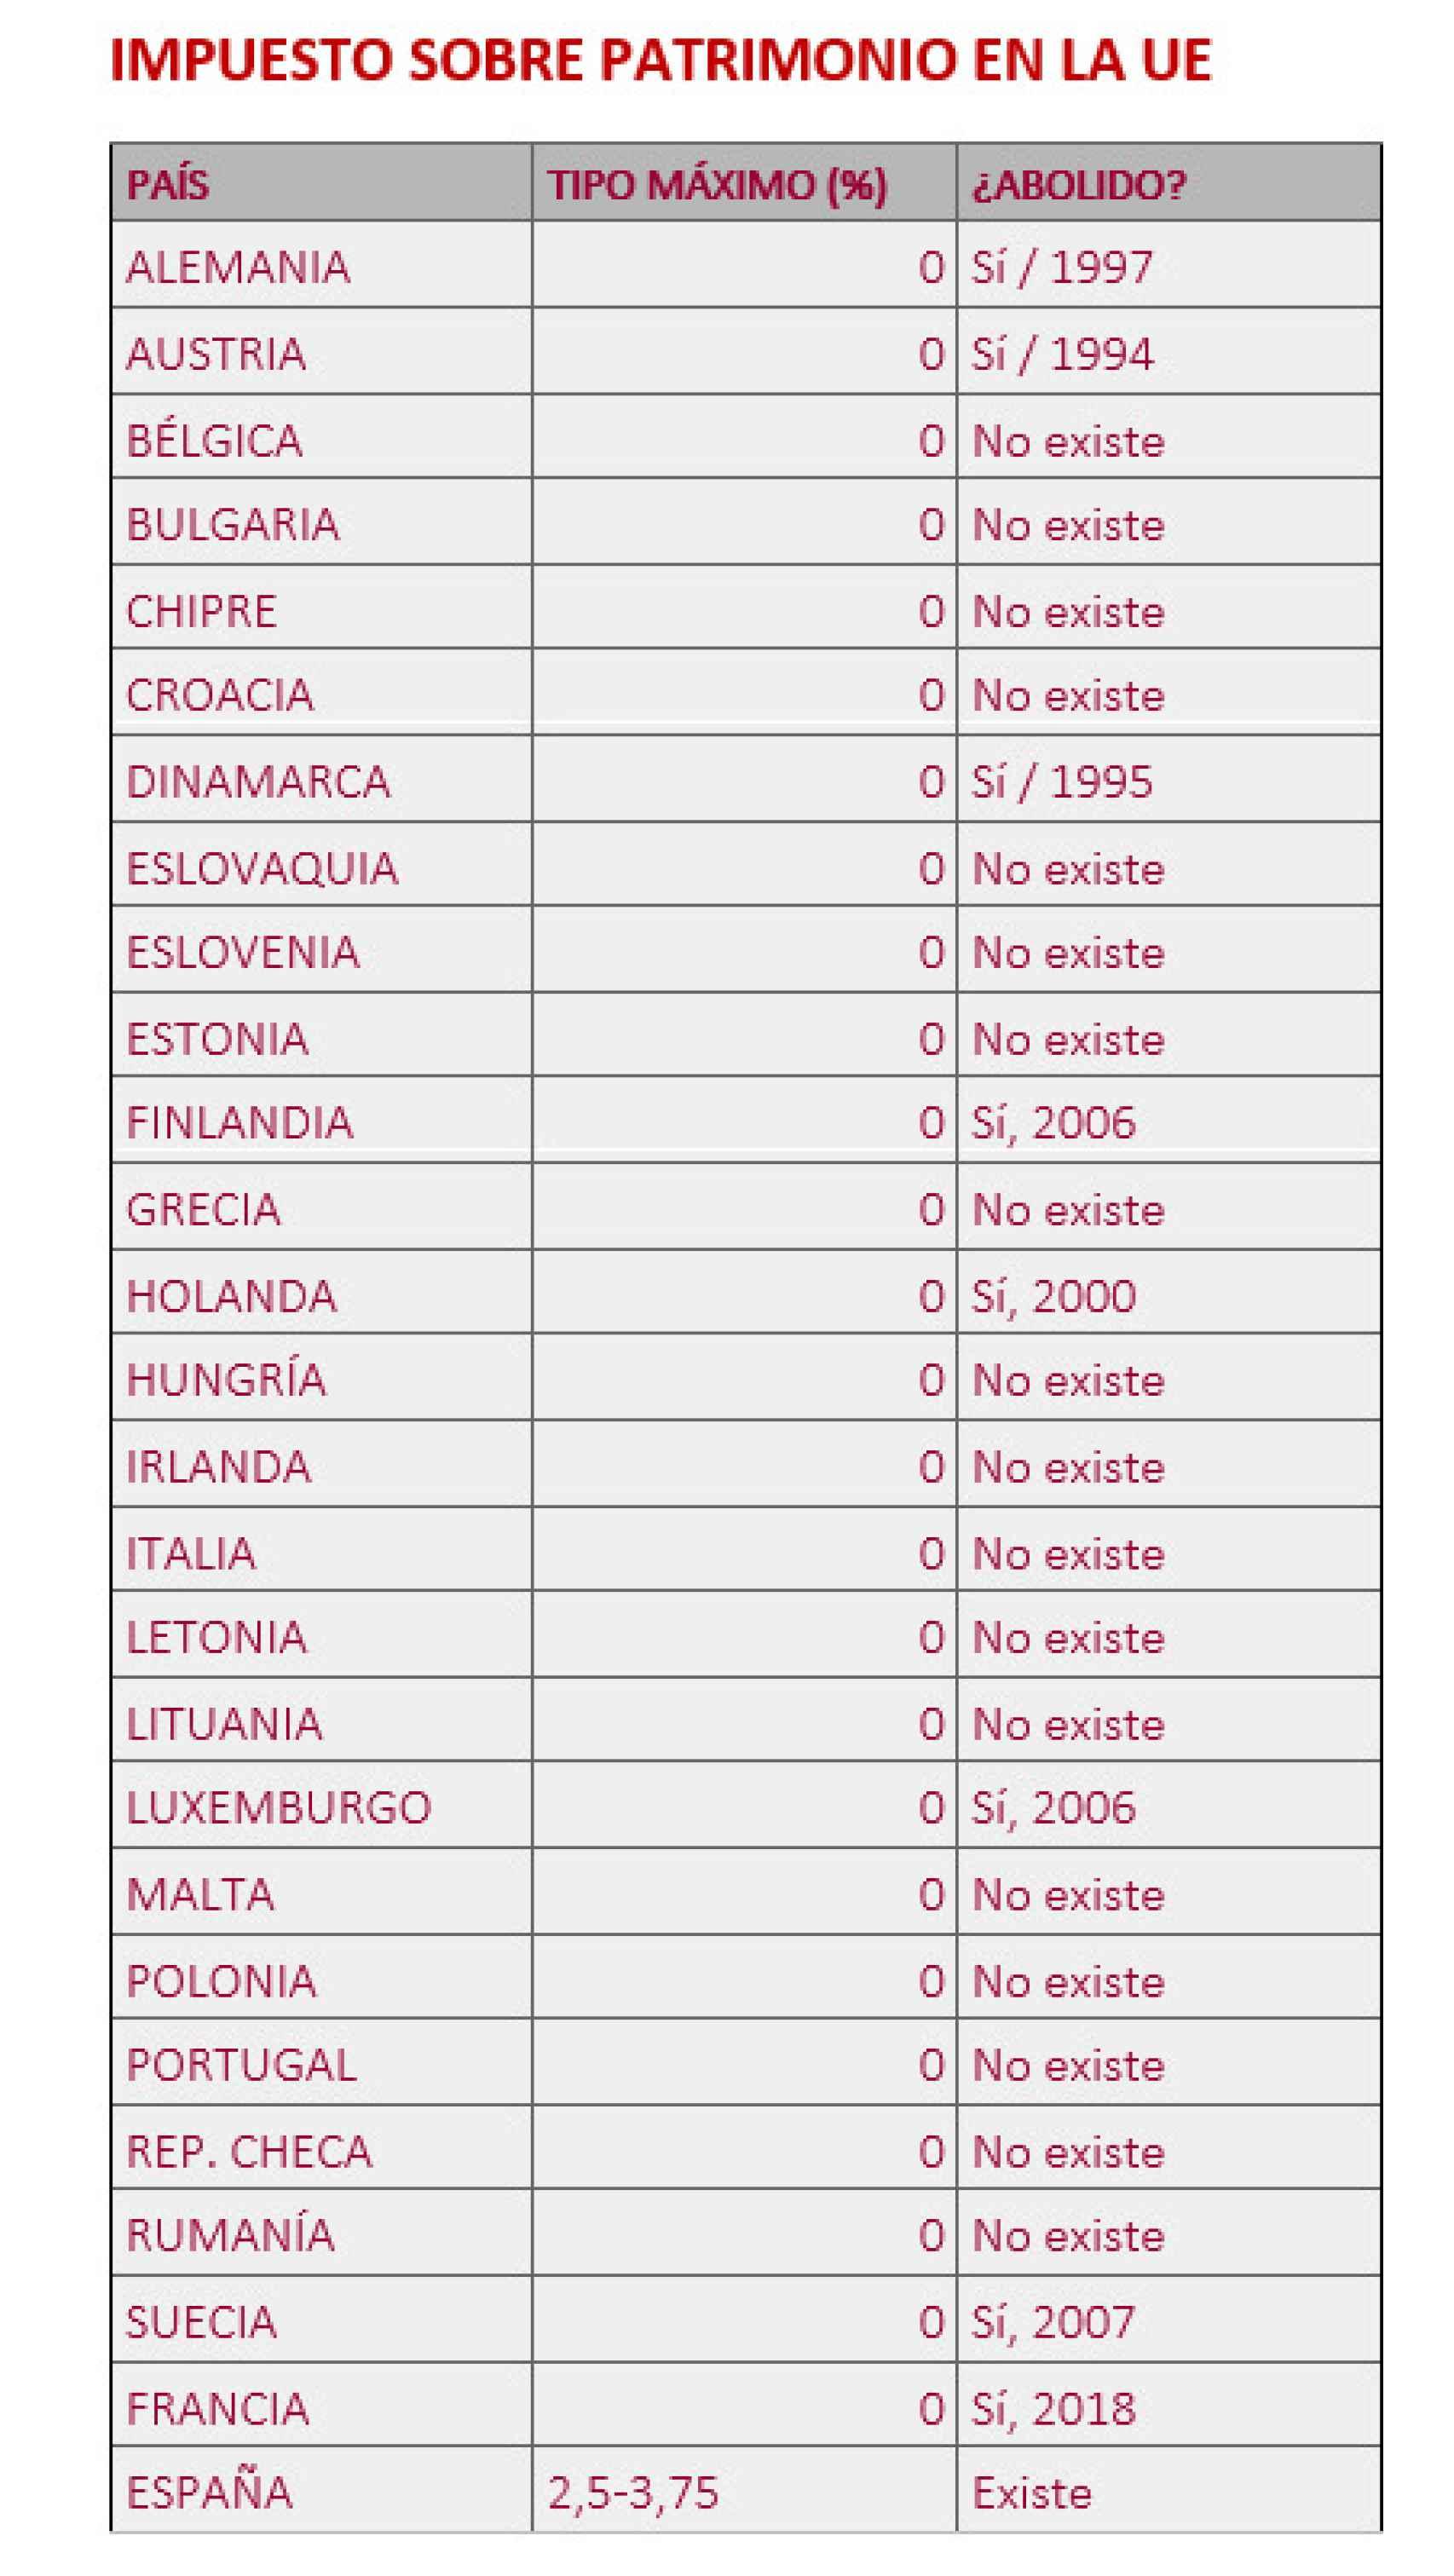 Fuente: Asociación Madrileña de la Empresa Familiar